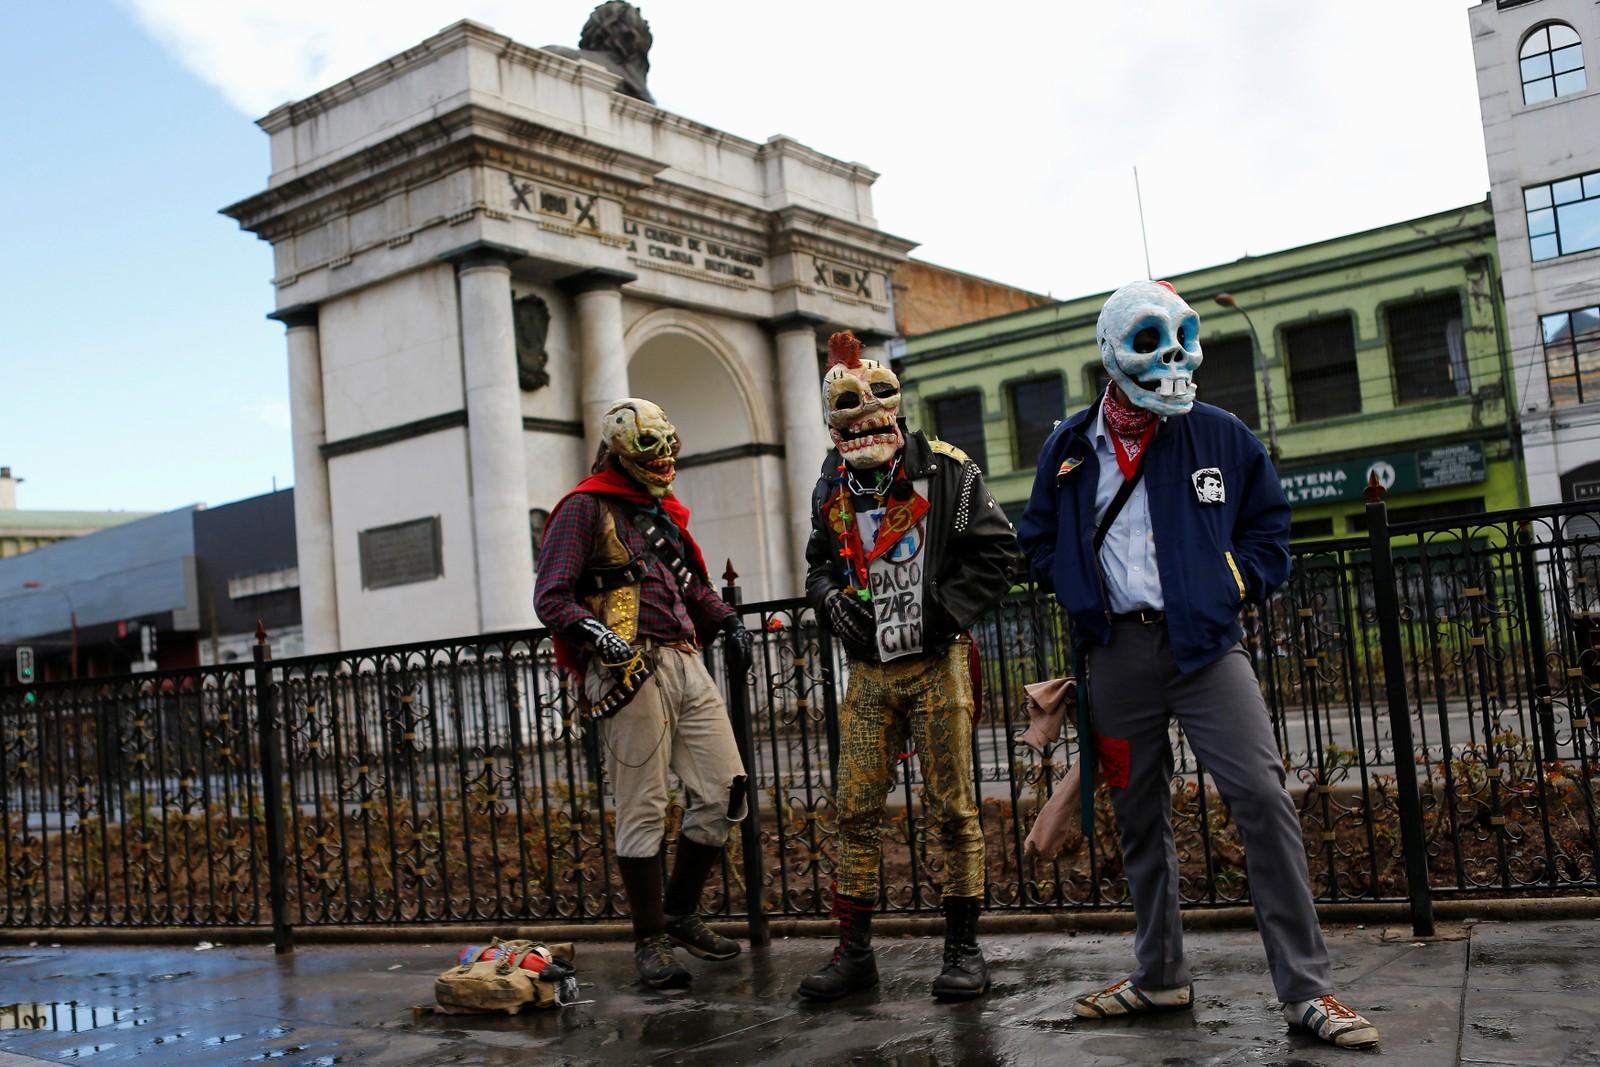 DEMONSTRASJON 1: Demonstranter iført hodeskallemasker utenfor nasjonalforsamlinga i Valparaiso. Chile. De mener regjeringa bruker for lang tid på å gjennomføre reformer som blant annet vil gi rett til gratis utdanning.